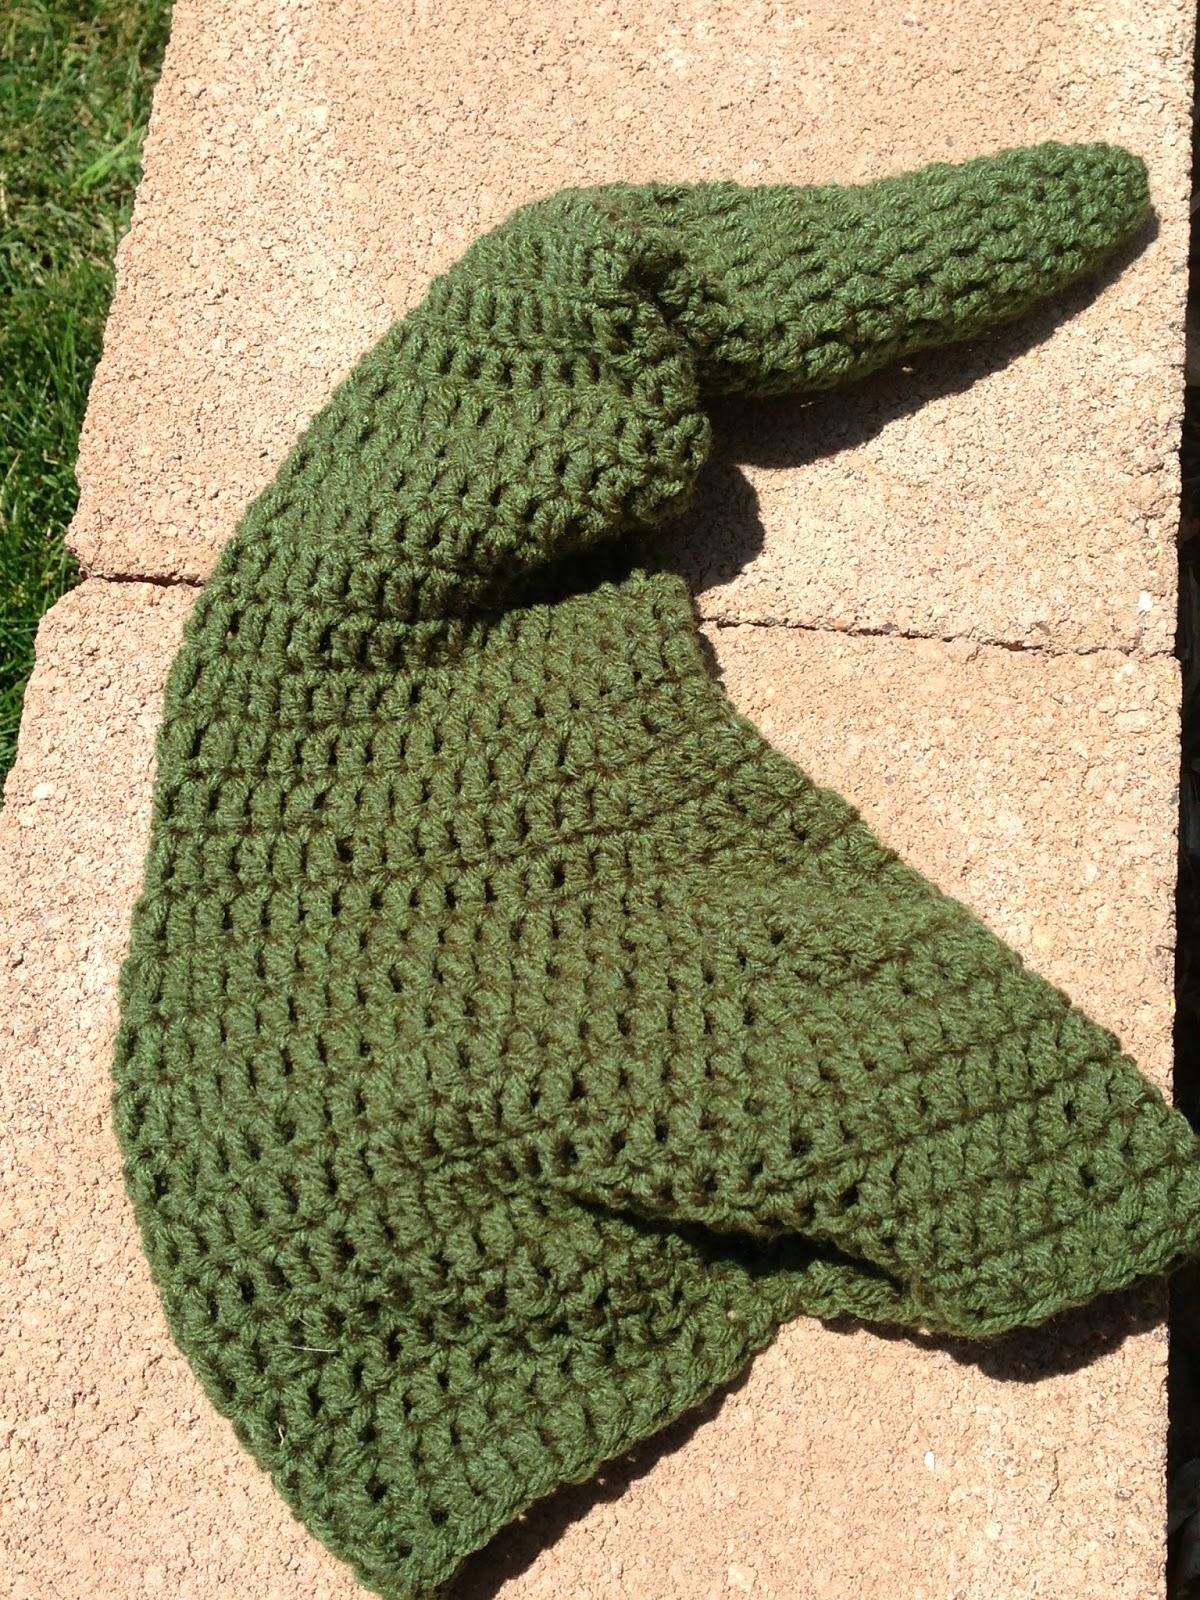 Cherelledx: Crochet Link/elf hat